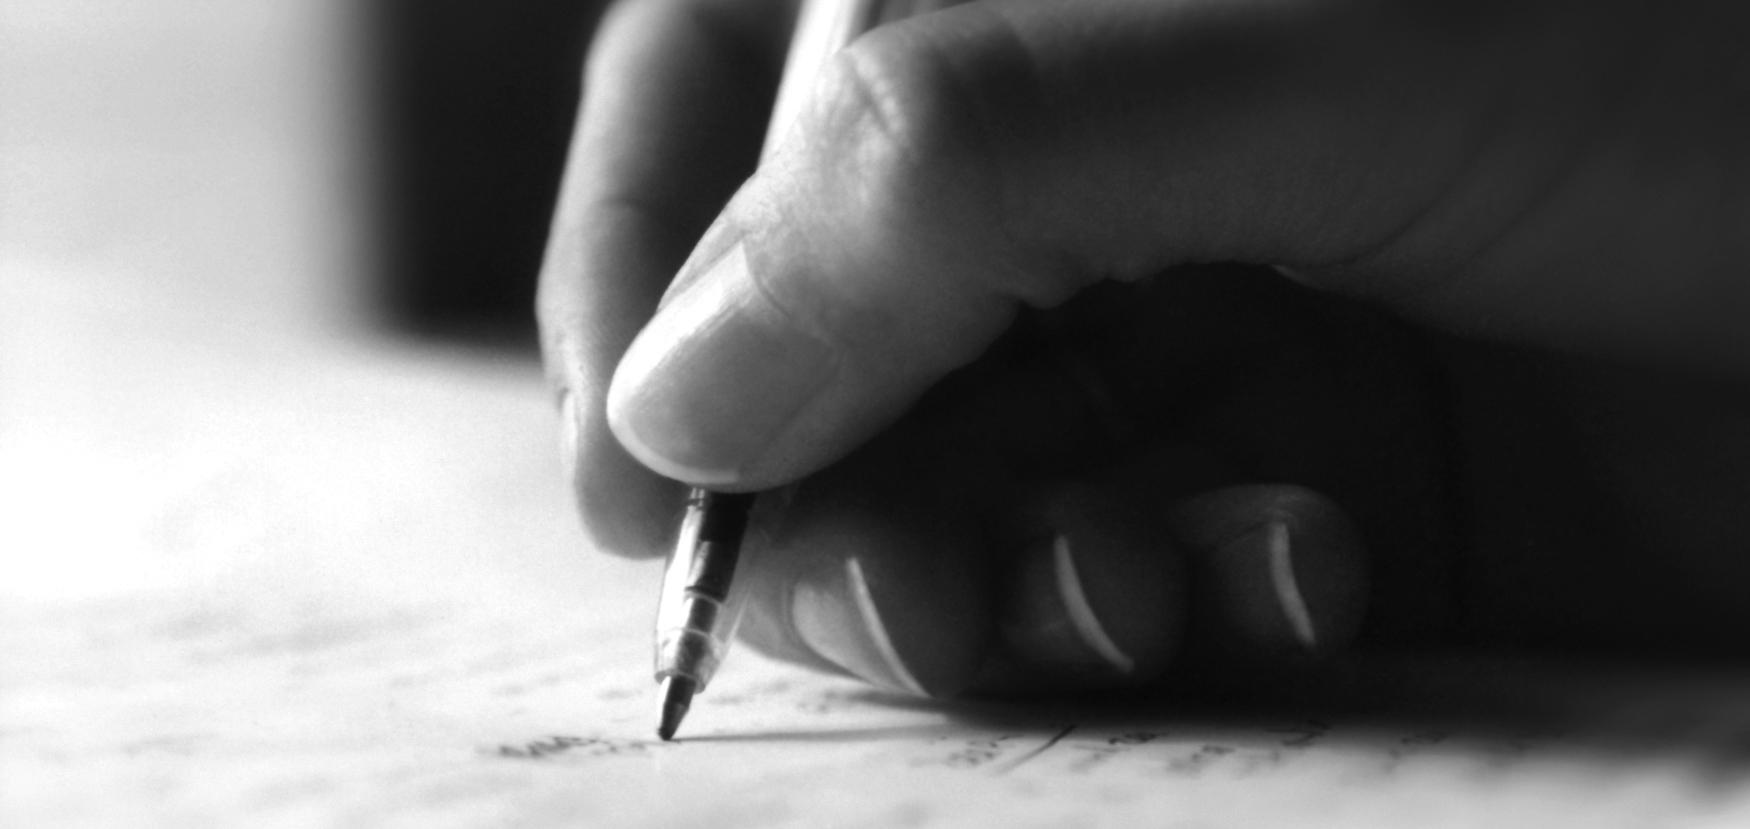 رنجهایی که ما را به نوشتن وا میدارد